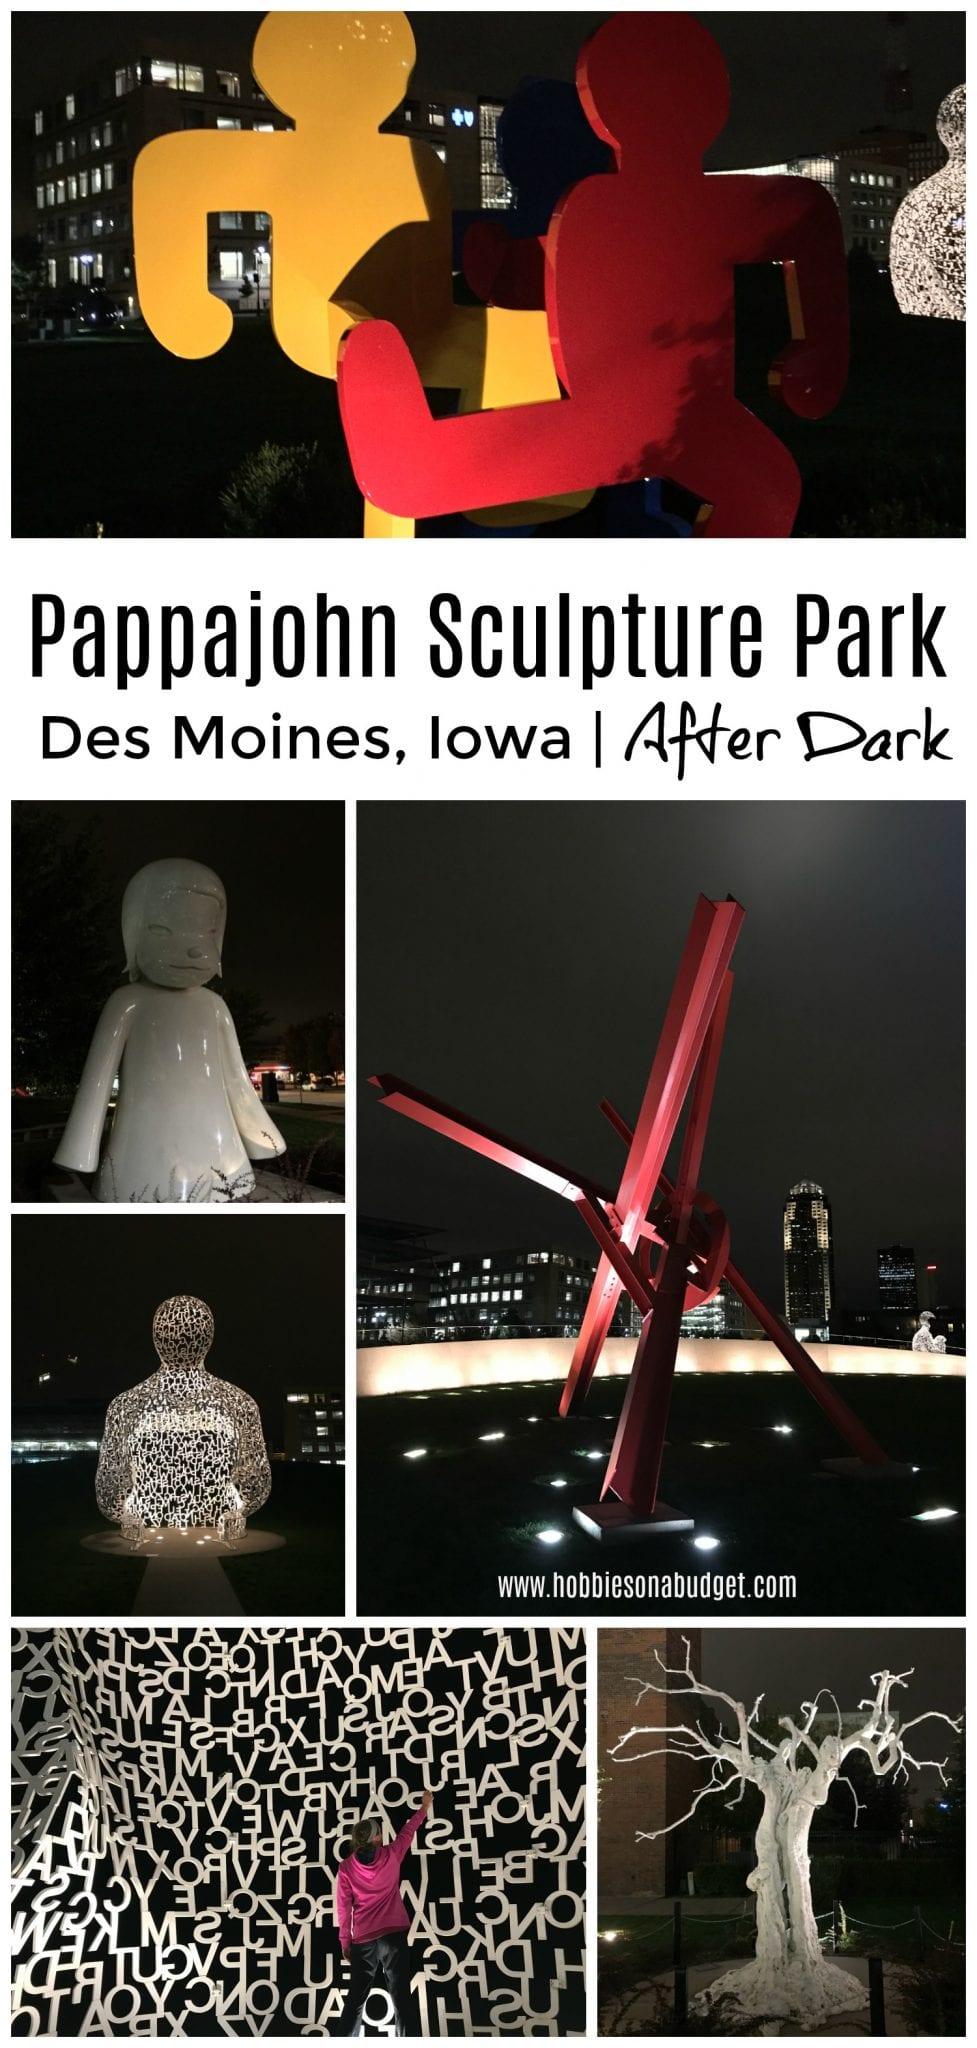 Pappajohn Sculpture Park: Des Moines, Iowa